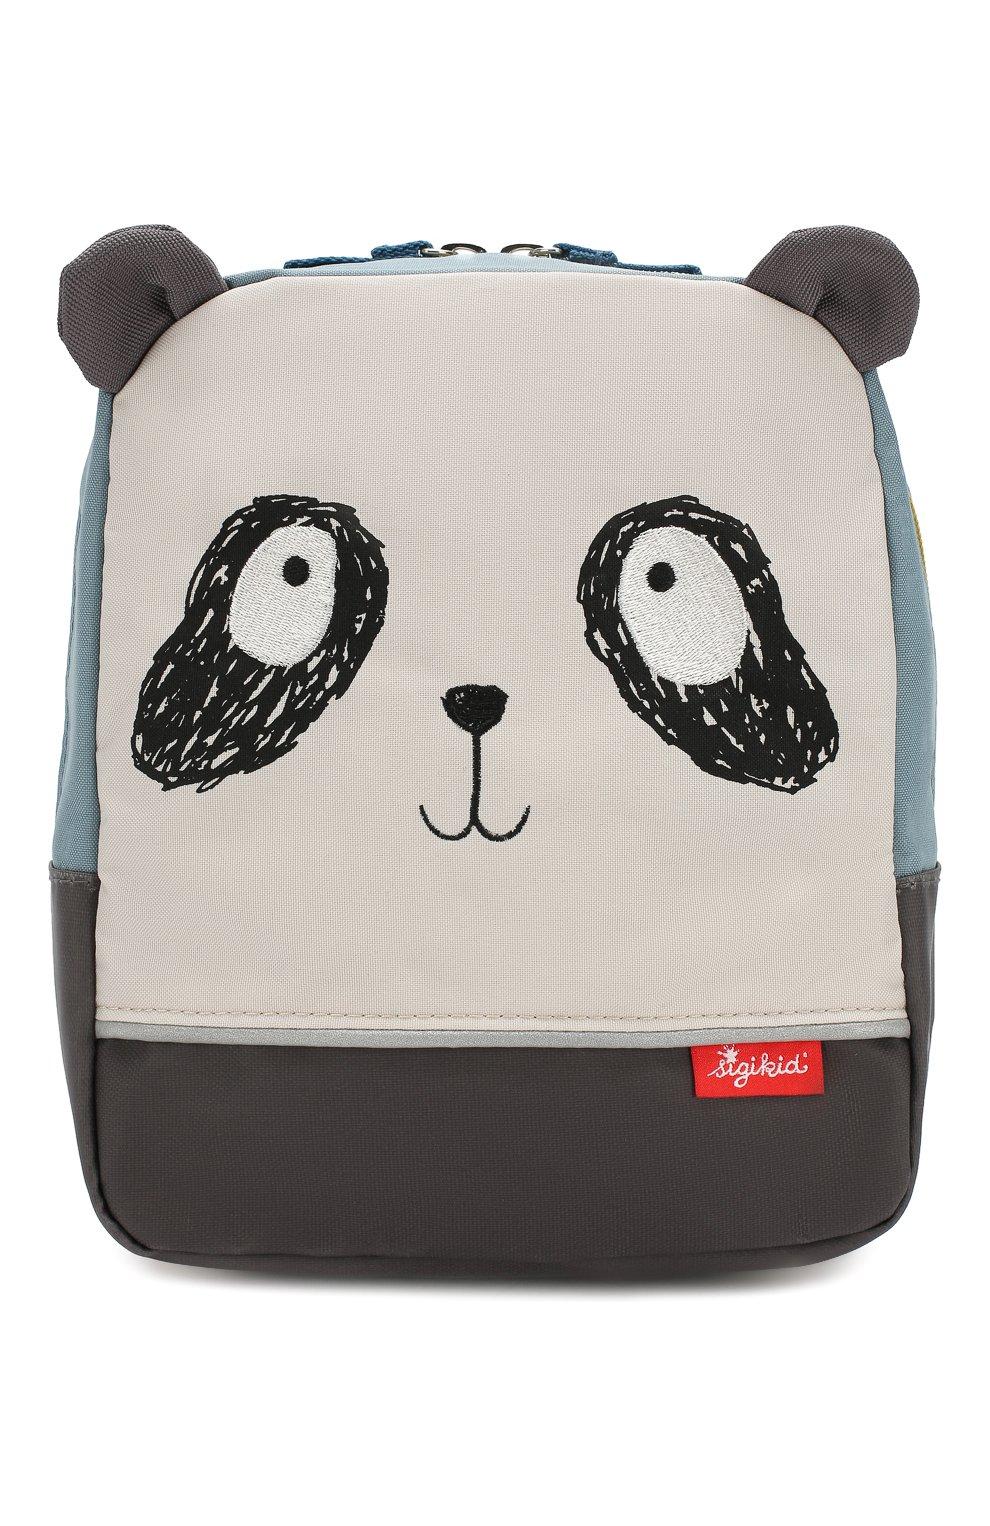 Детская рюкзак панда SIGIKID разноцветного цвета, арт. 24970 | Фото 1